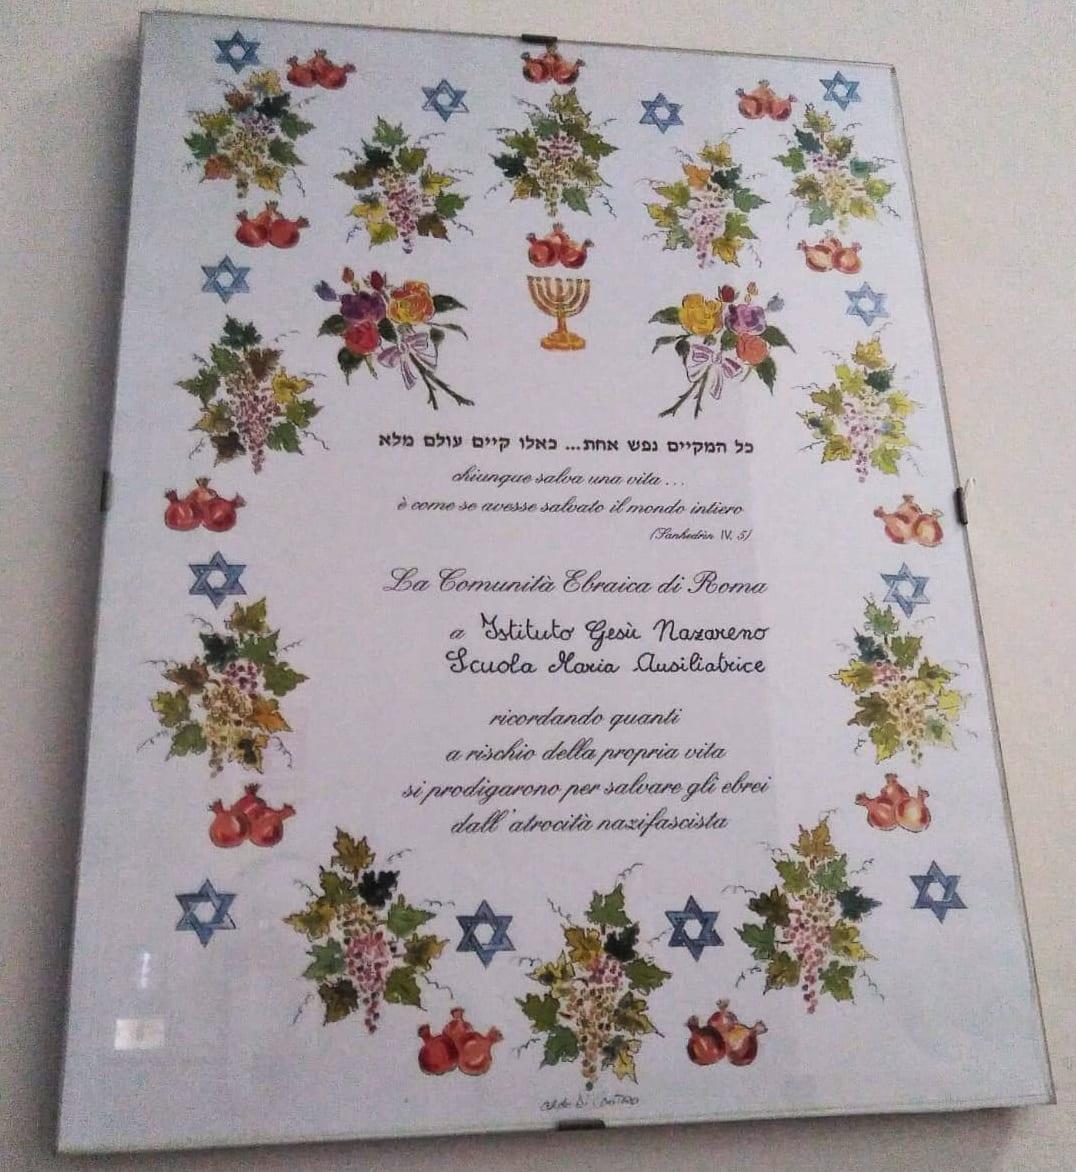 Ringraziamento Comunità Ebraica a Casa FMA via Dalmazia Roma